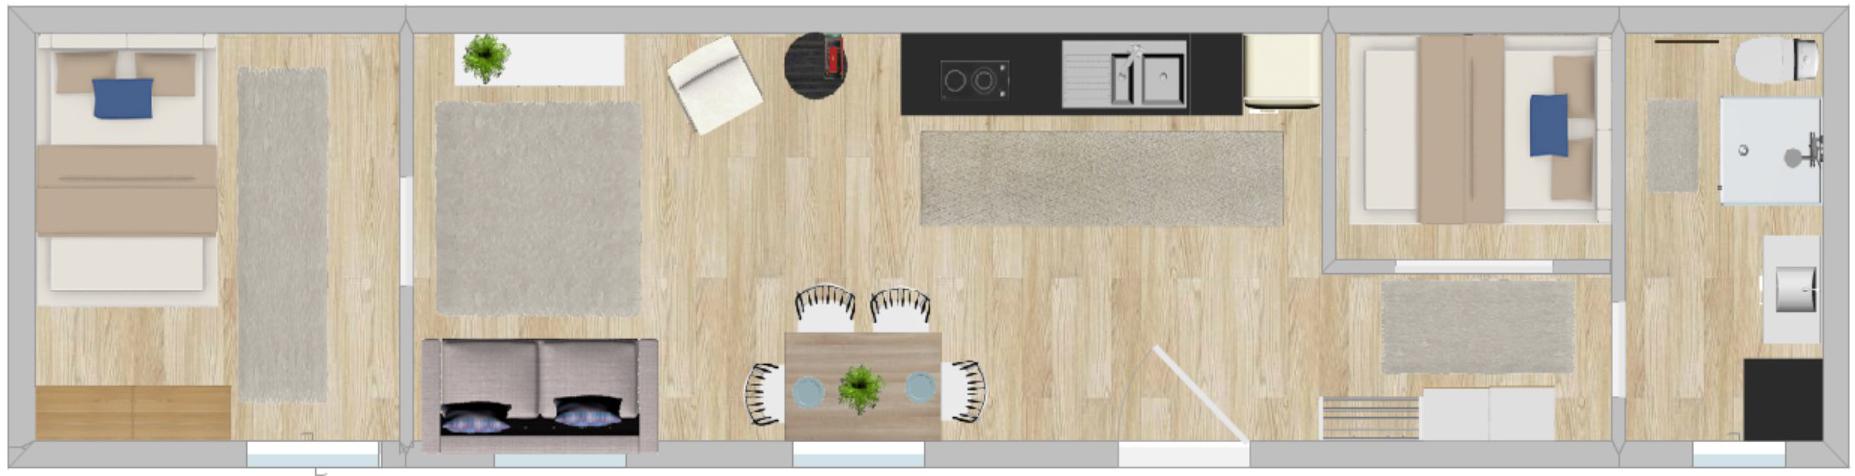 plan casă mobilă